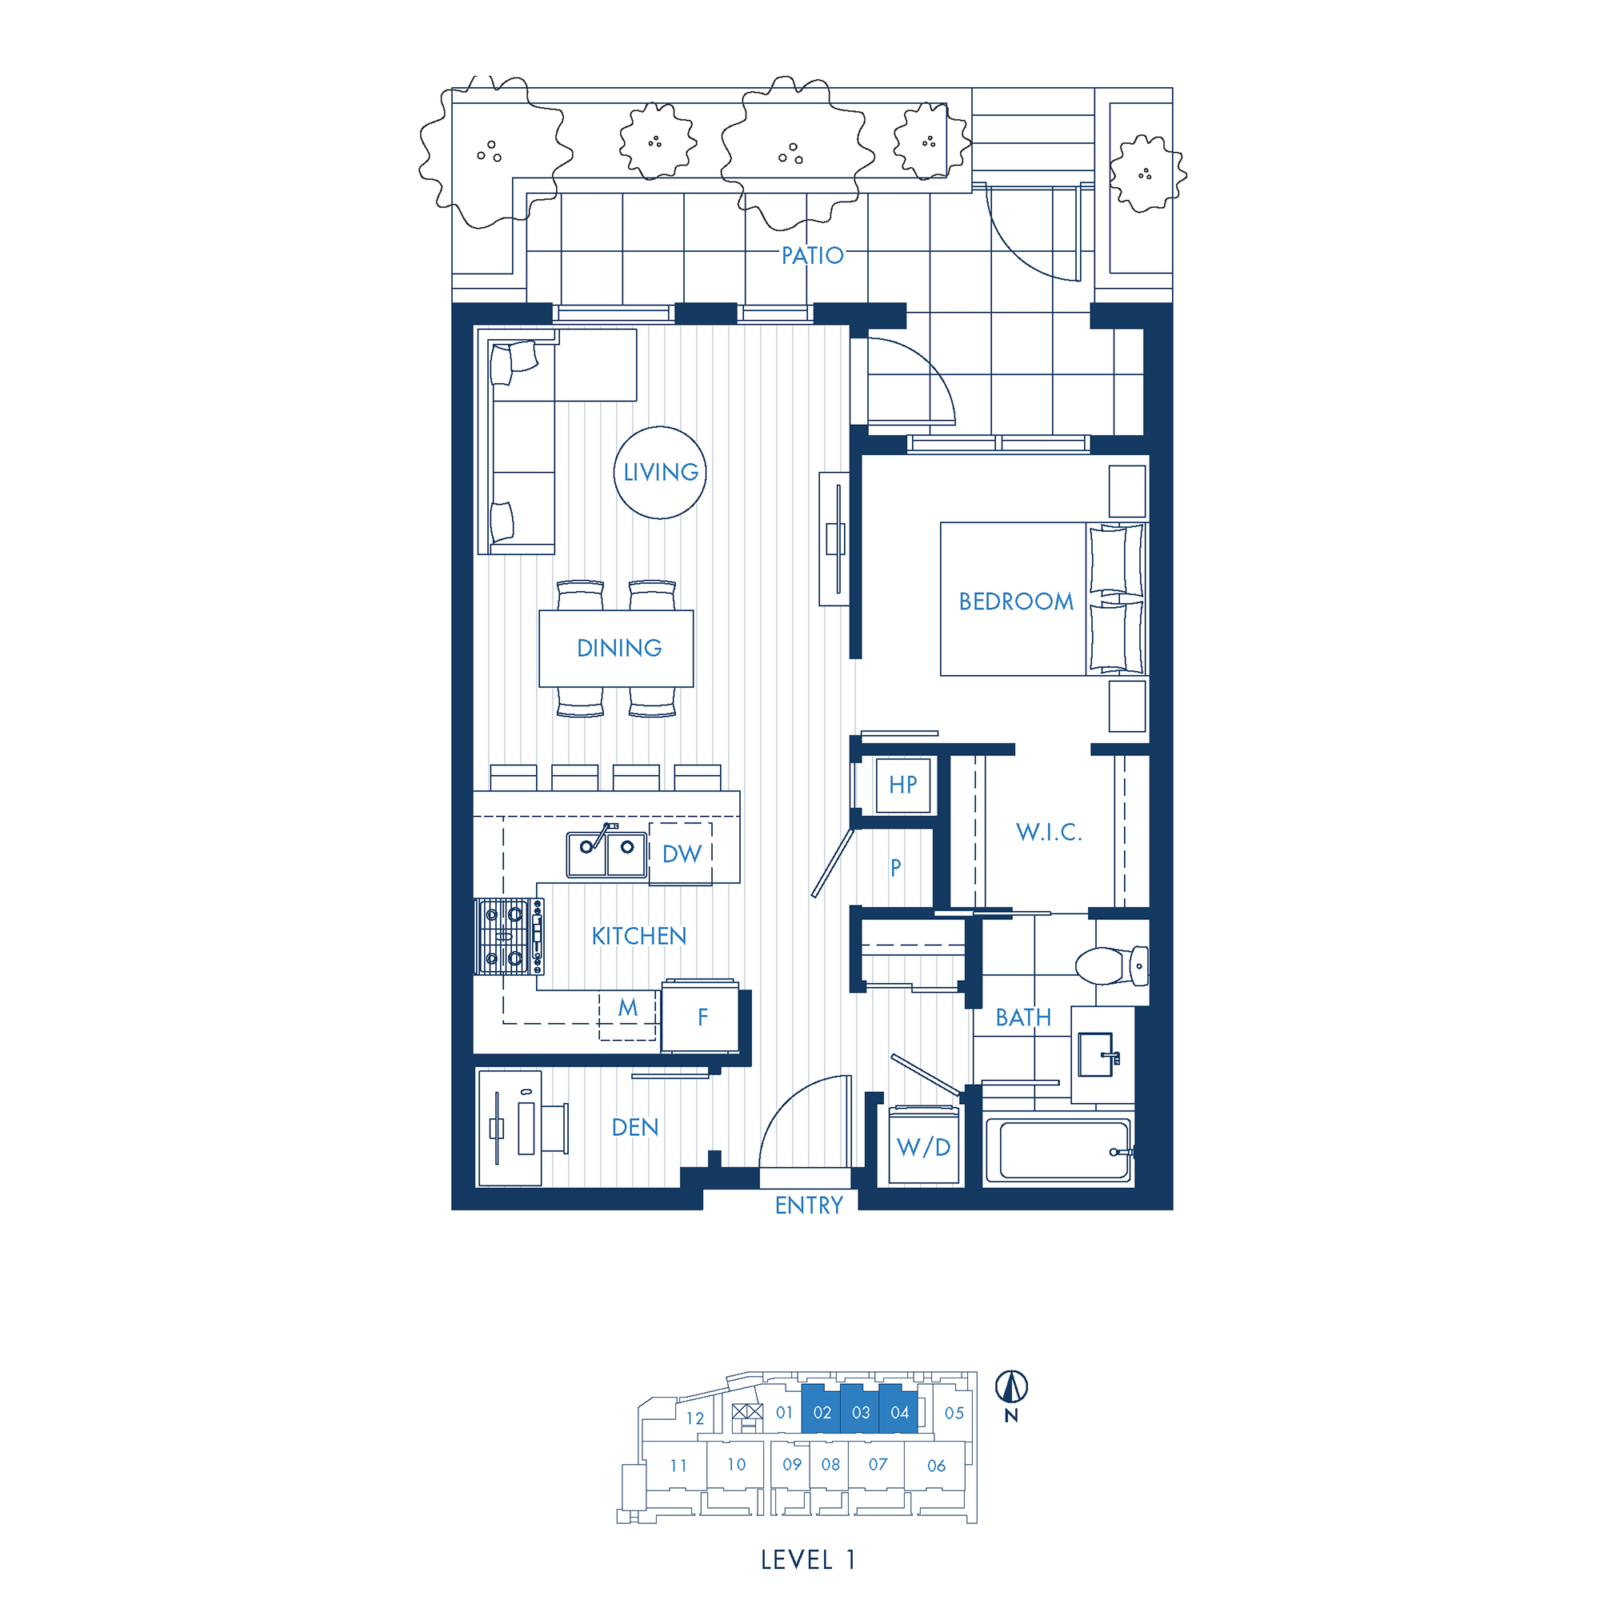 North Building Plan A